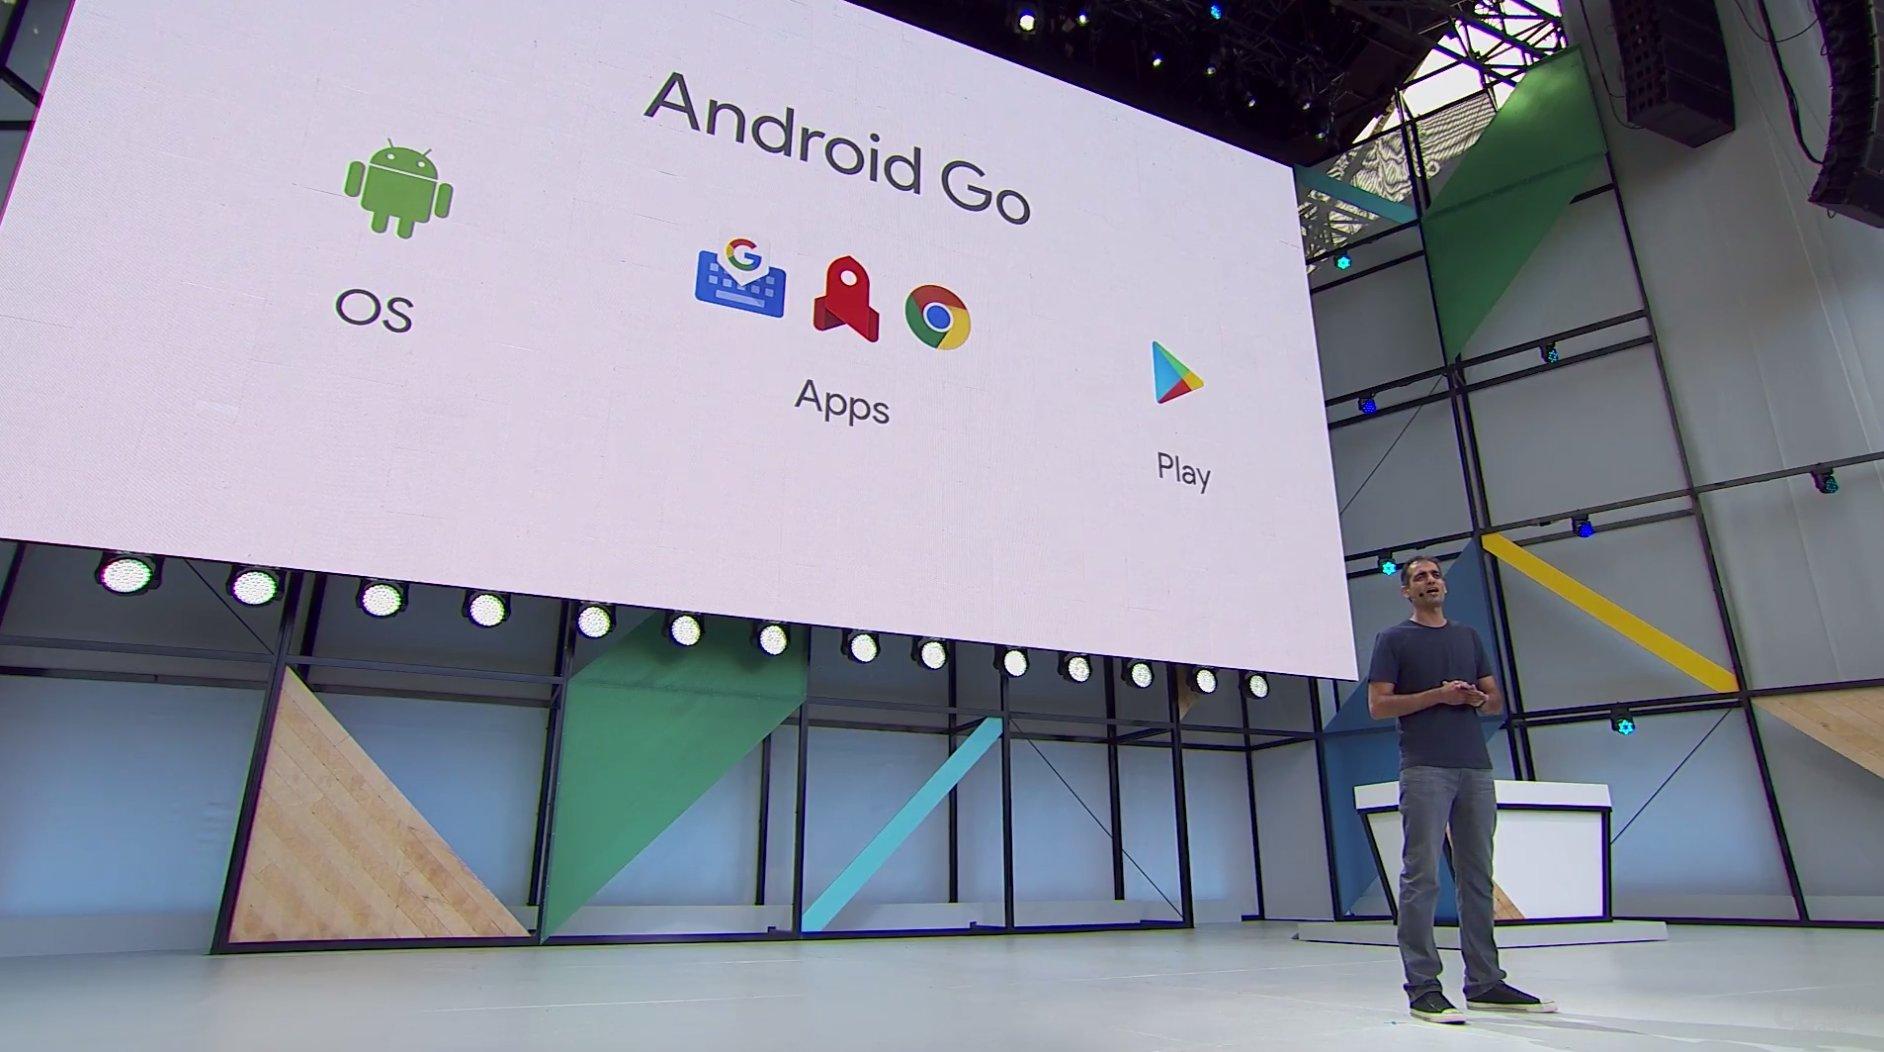 Android Go setzt sich aus drei Anpassungen zusammen